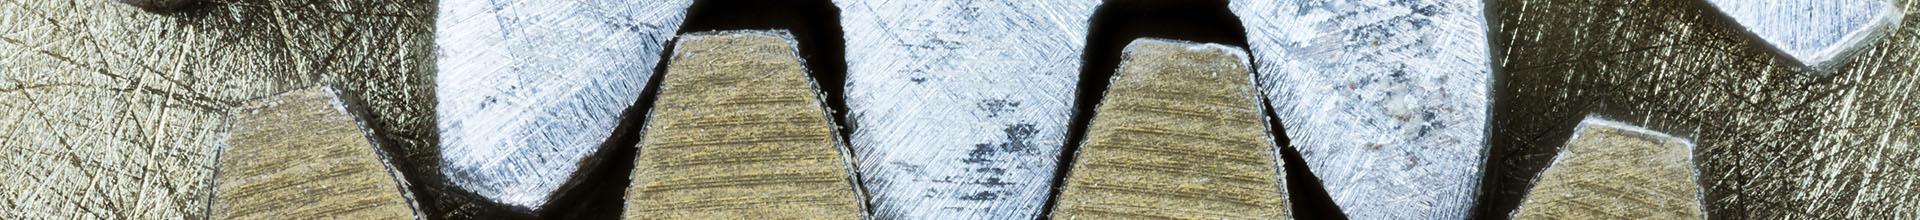 Zahnrad Holz